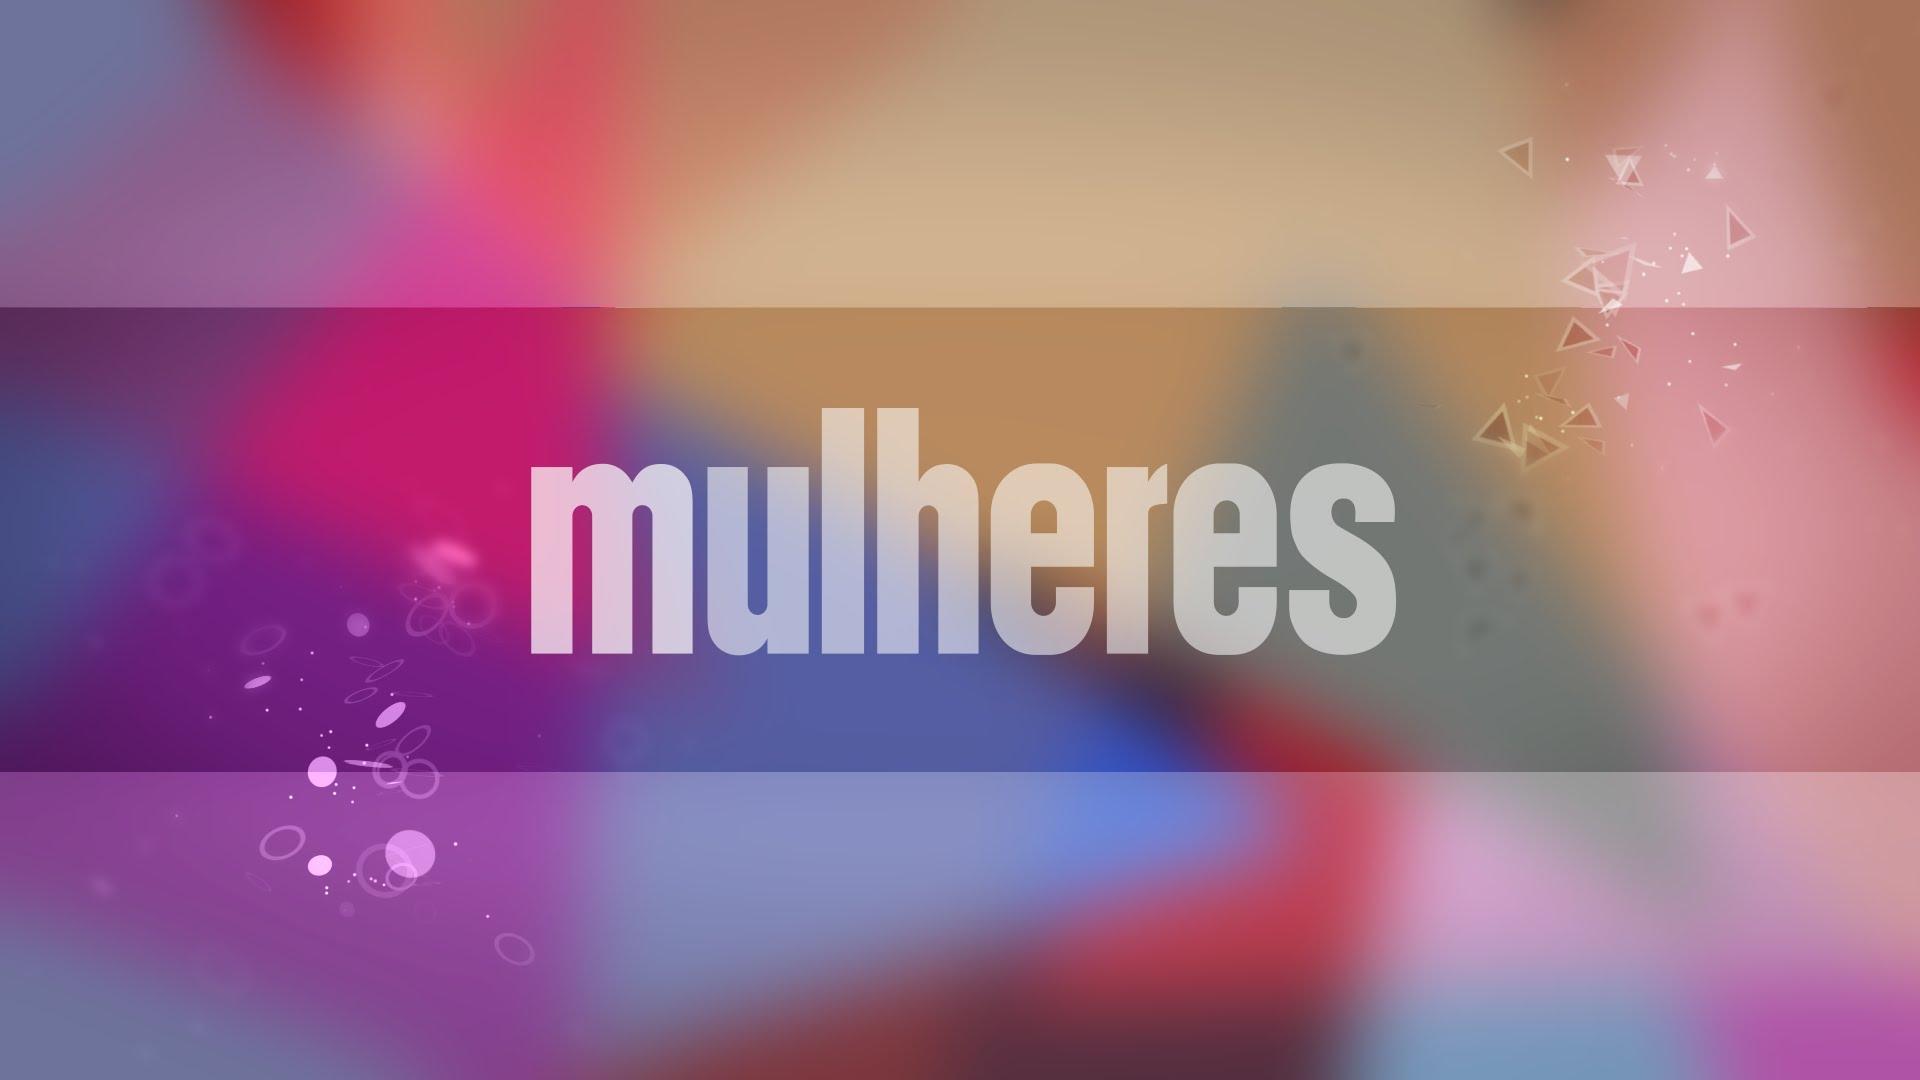 O programa Mulheres da TV Gazeta de São Paulo. (Foto: Reprodução)